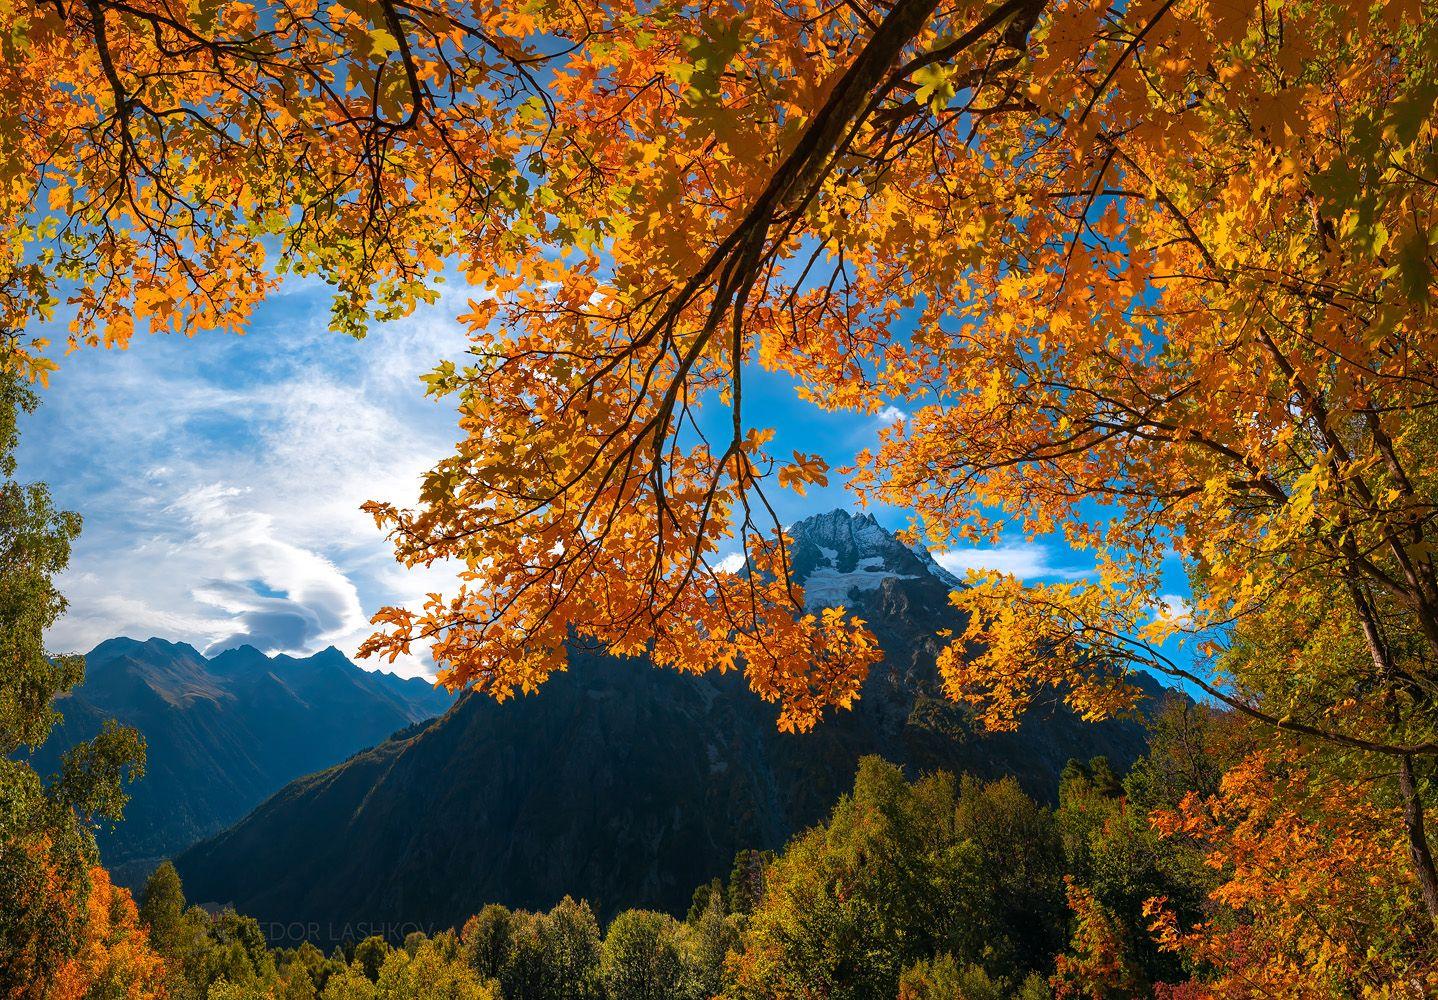 кавказ, кавказские горы, карачаево-черкесия, горы, гора, осень, клён, дерево, золотой, жёлтый, осенний, ветви, листья, вершина, пшиш, архыз, небо, синий, дневное,, Лашков Фёдор